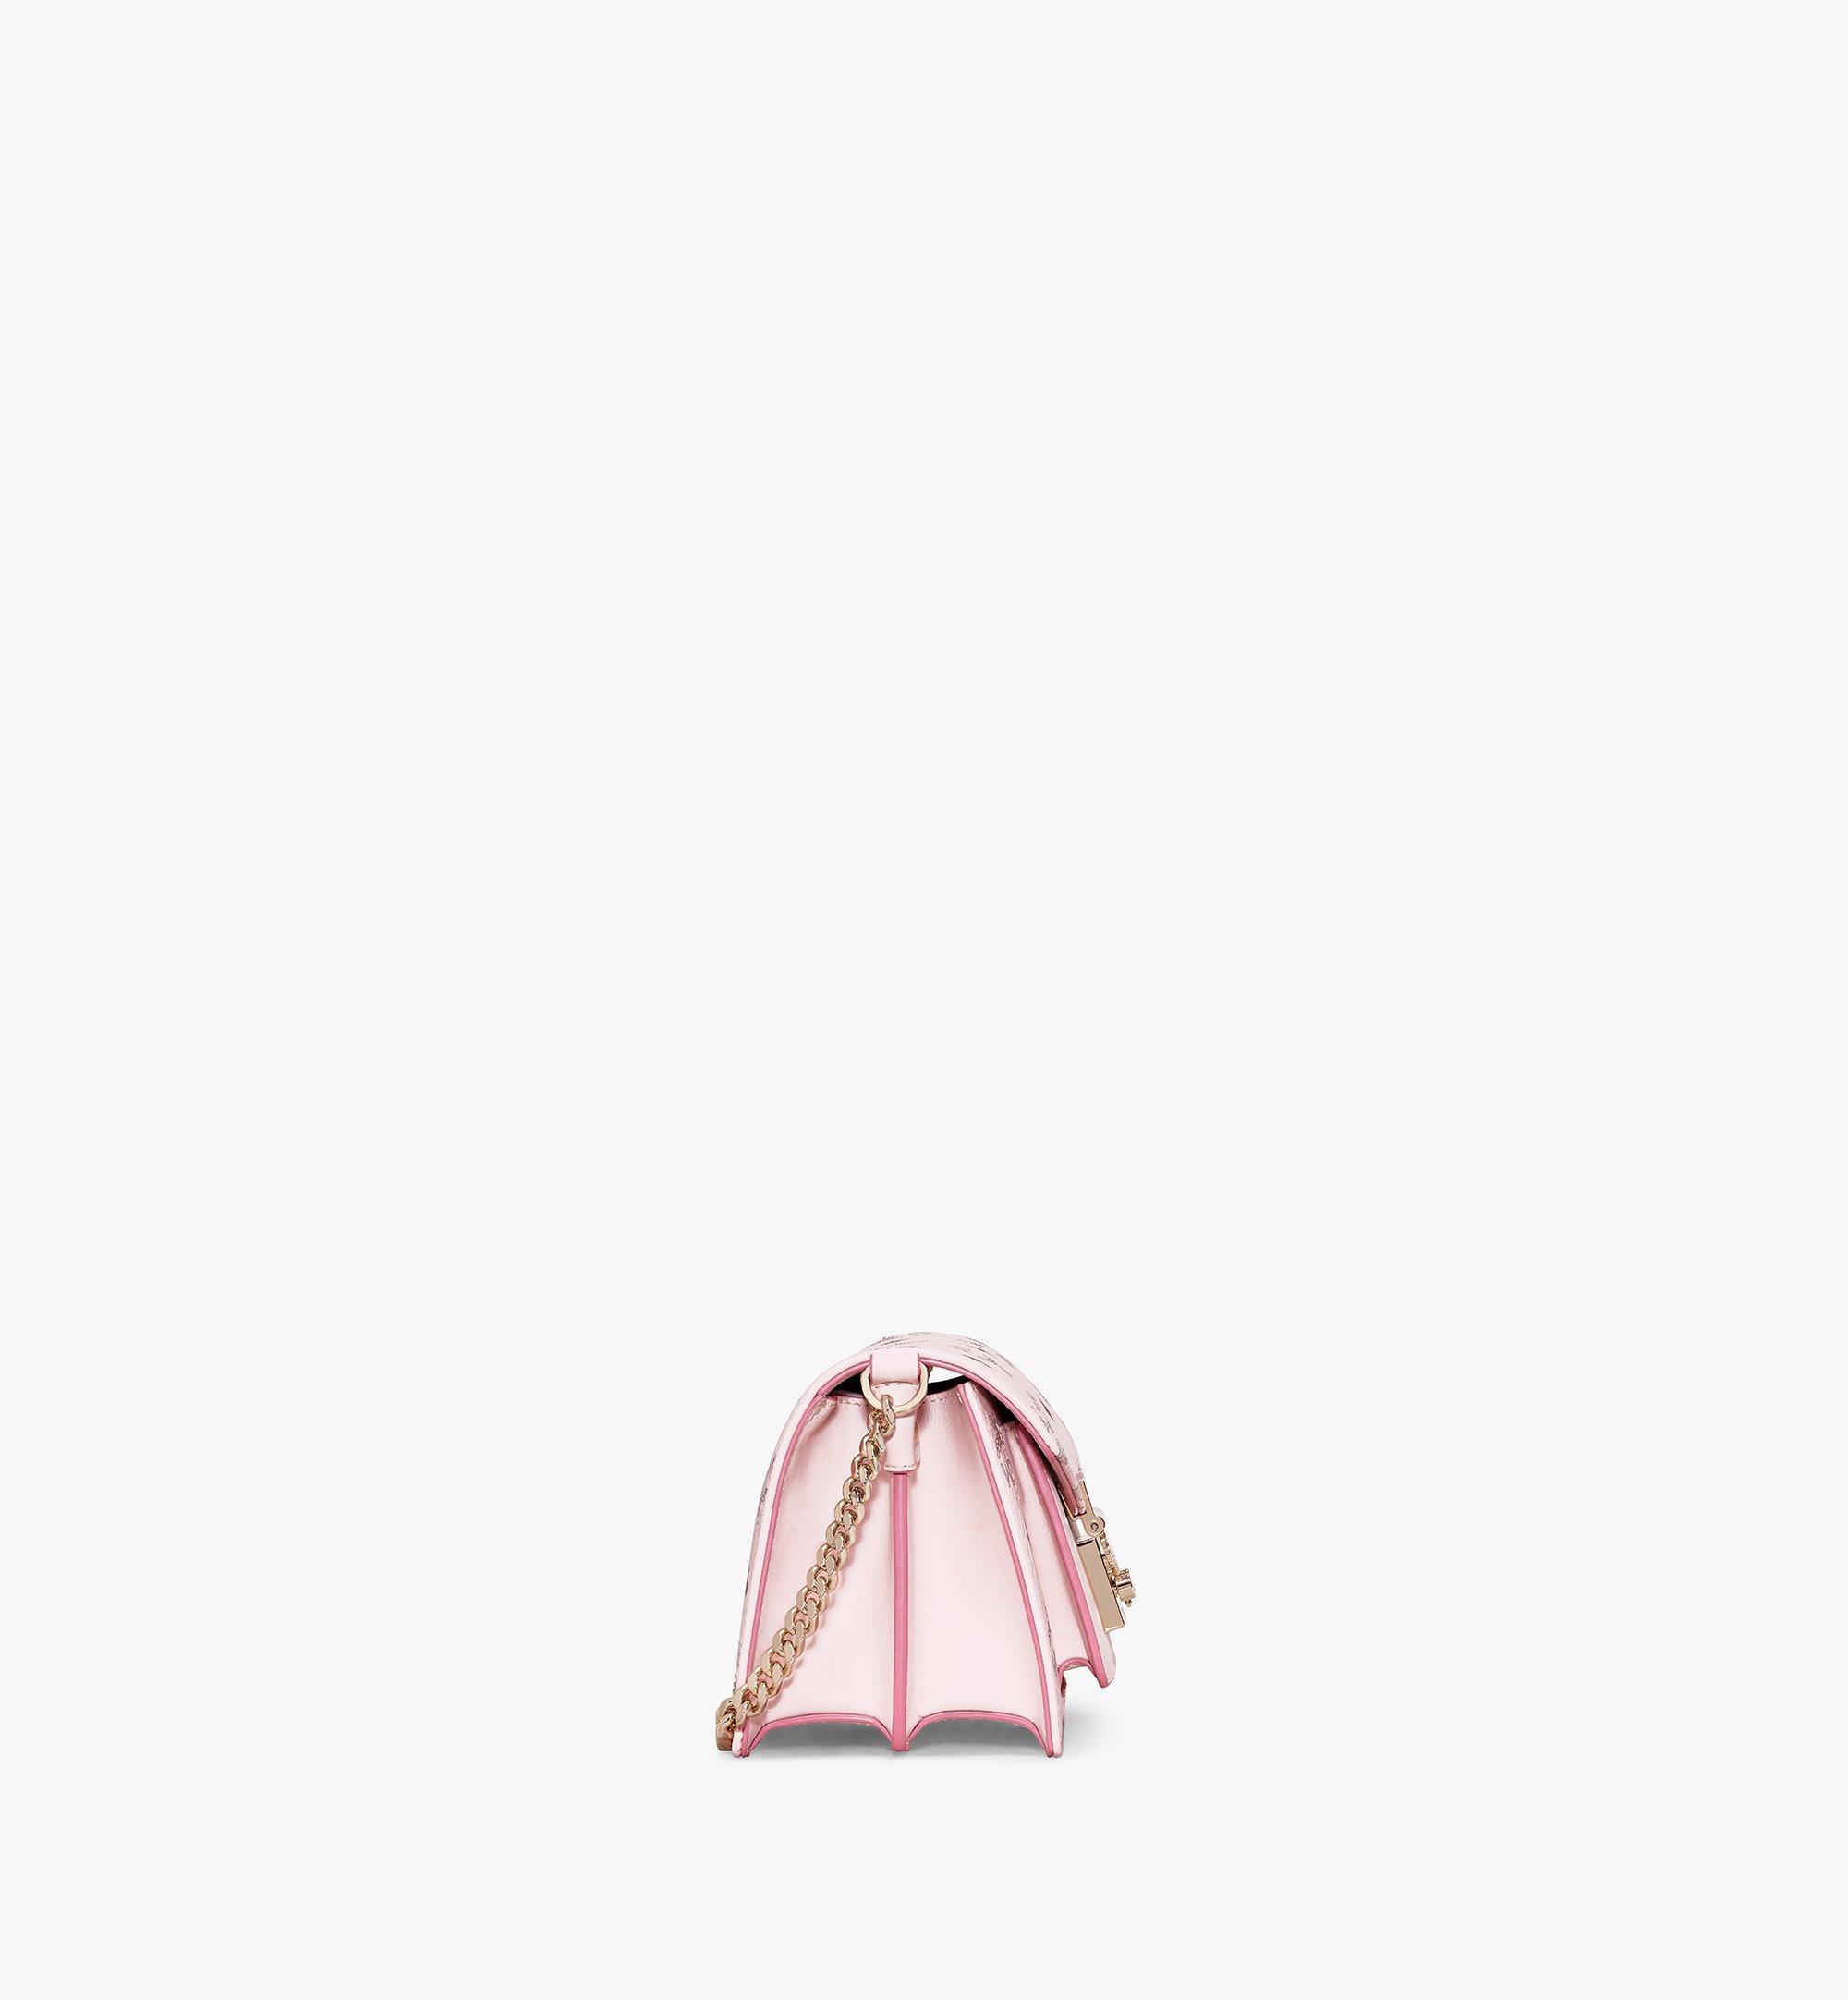 MCM 〈パトリシア〉クロスボディバッグ - ヴィセトス Pink MWRAAPA03QH001 ほかの角度から見る 1